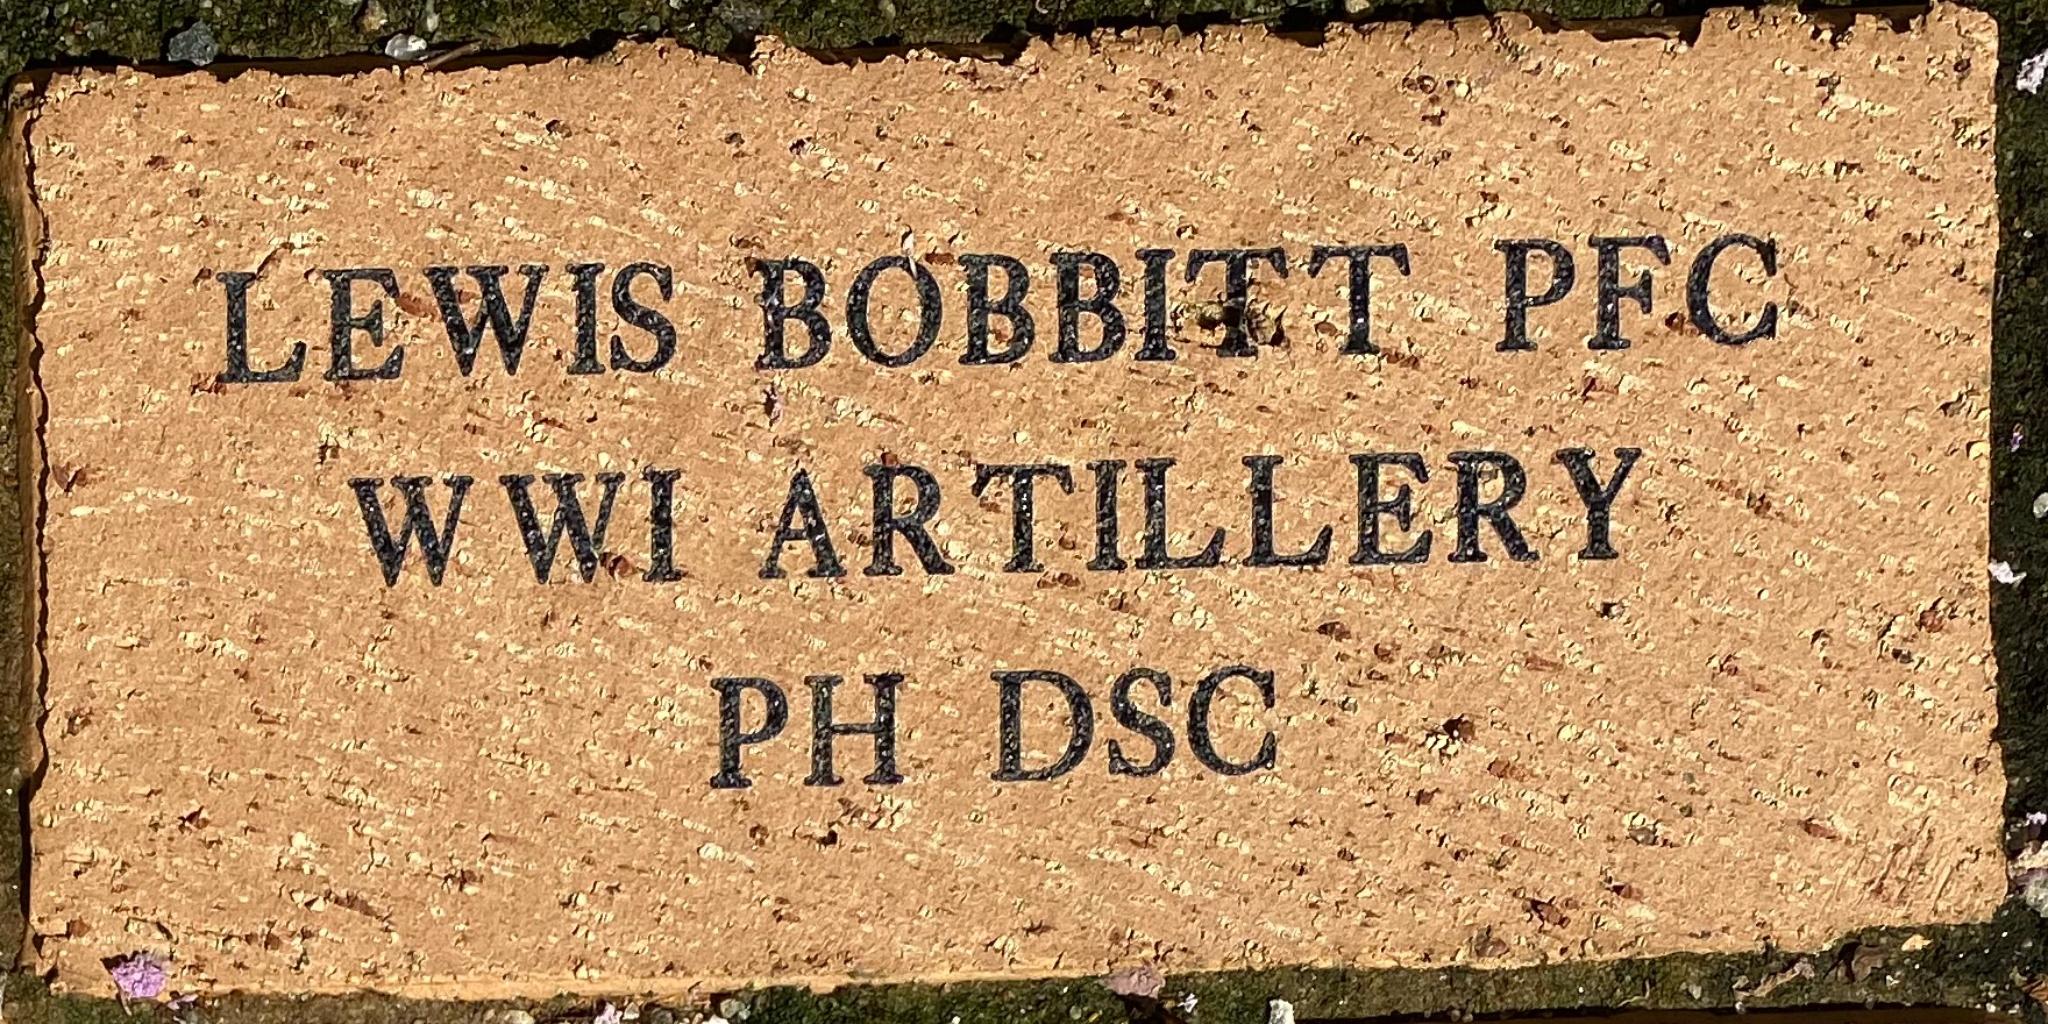 LEWIS BOBBITT PFC WWI ARTILLERY PH DSC